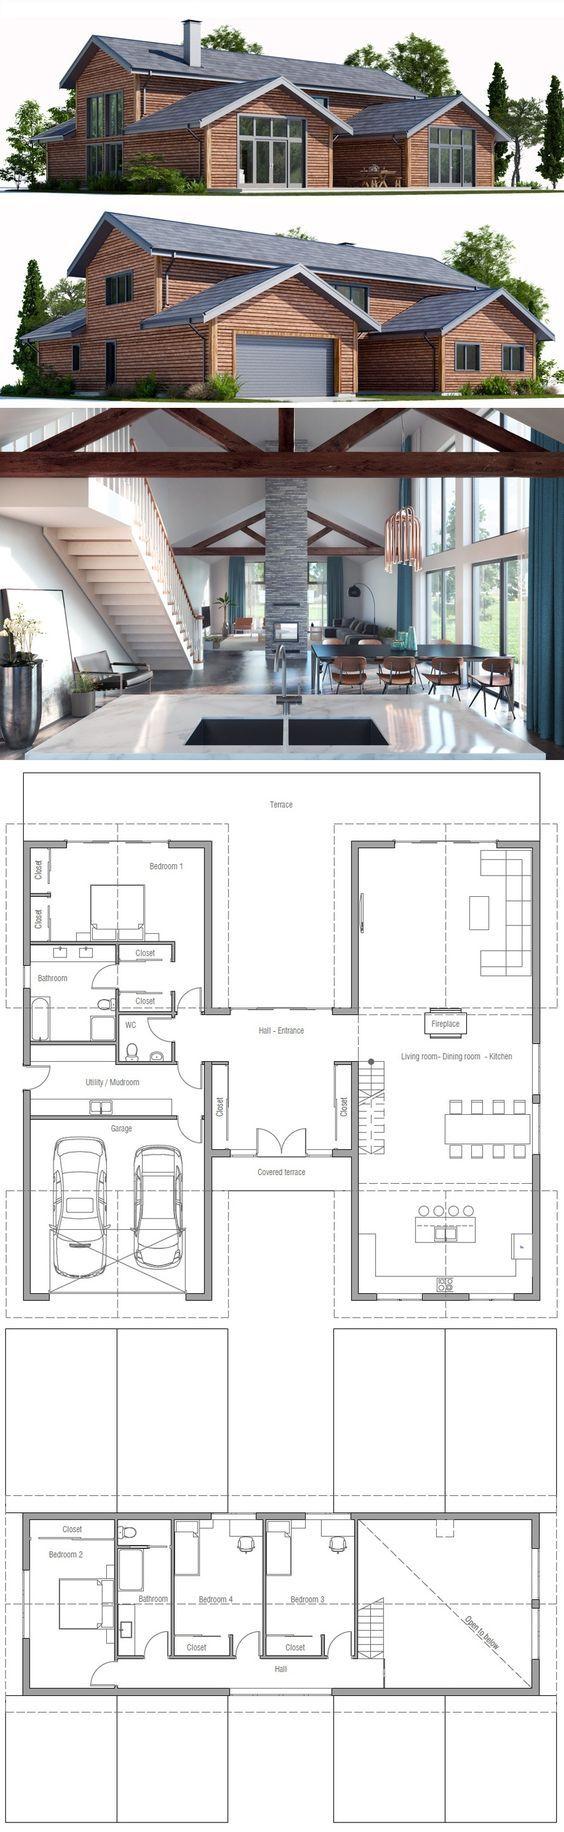 Schon House Plan